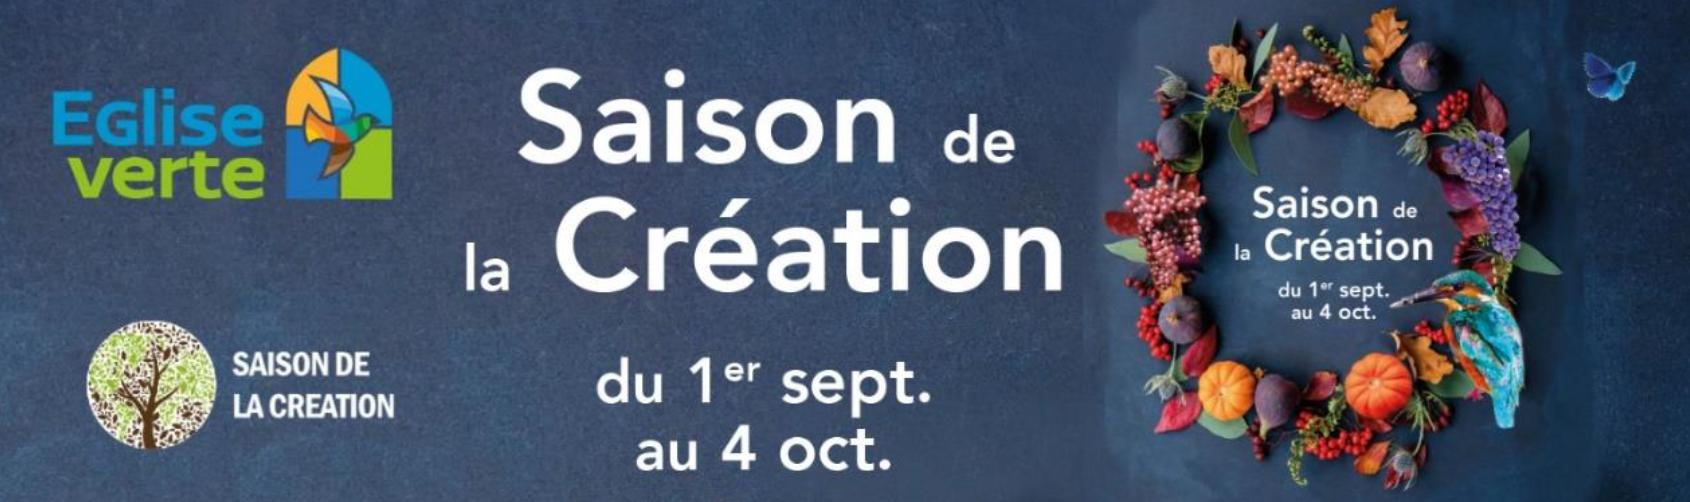 """RCF lance """"La Saison de la Création"""""""